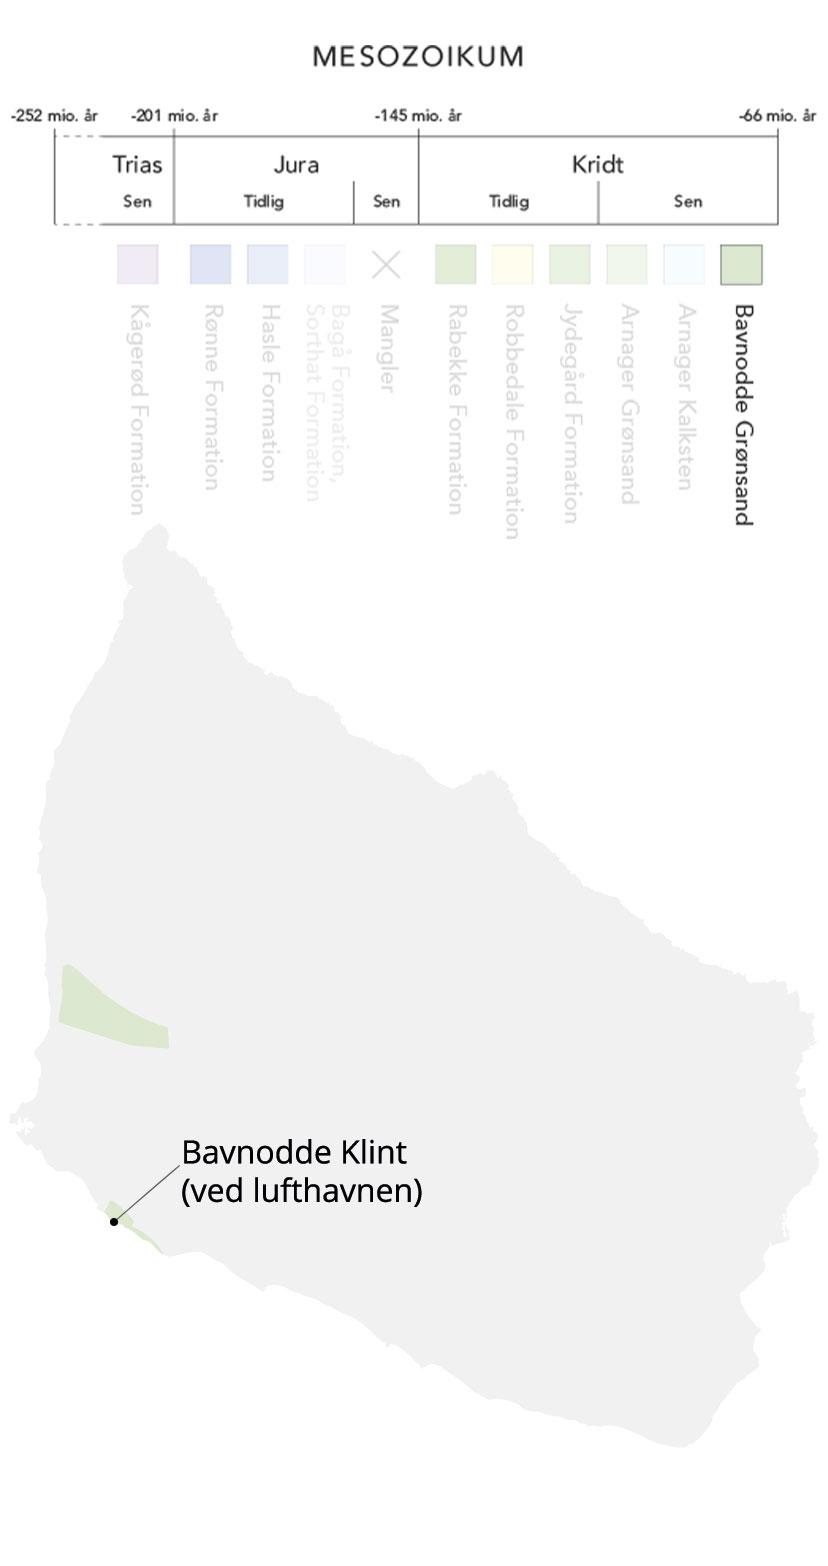 Kort over Bornholm og Bavnodde grønsand